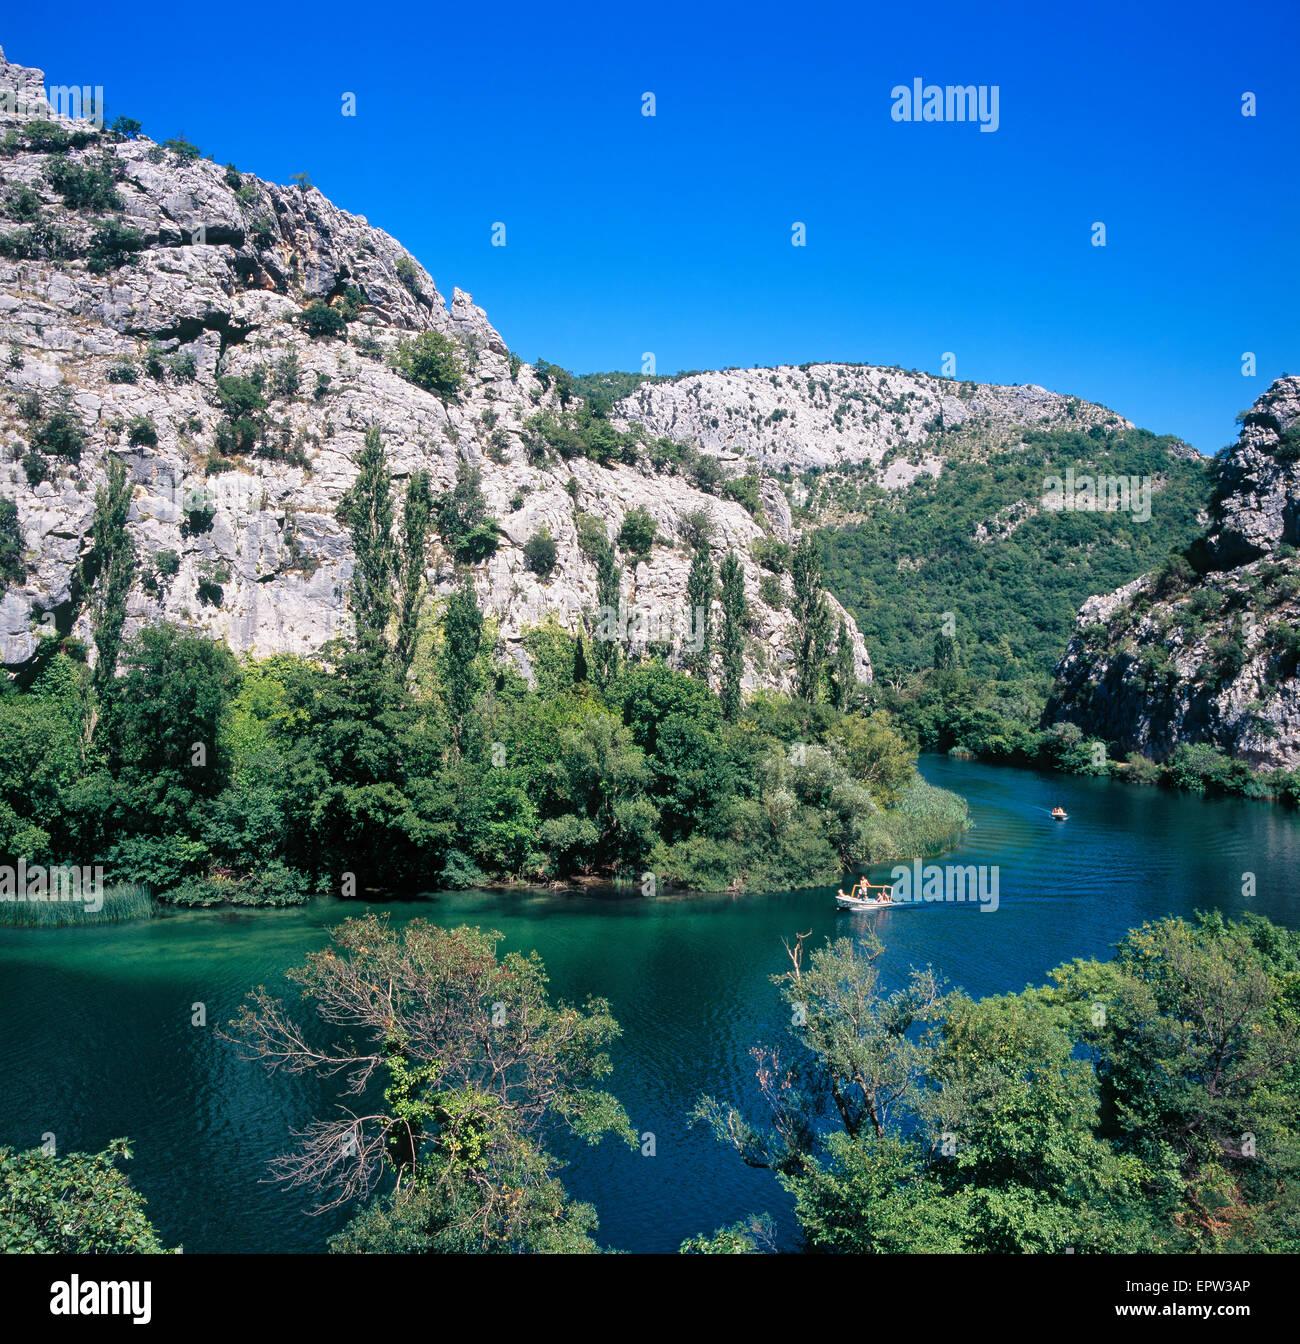 La rivière Cetina près d'Omis ville de Dalmatie, Croatie Photo Stock